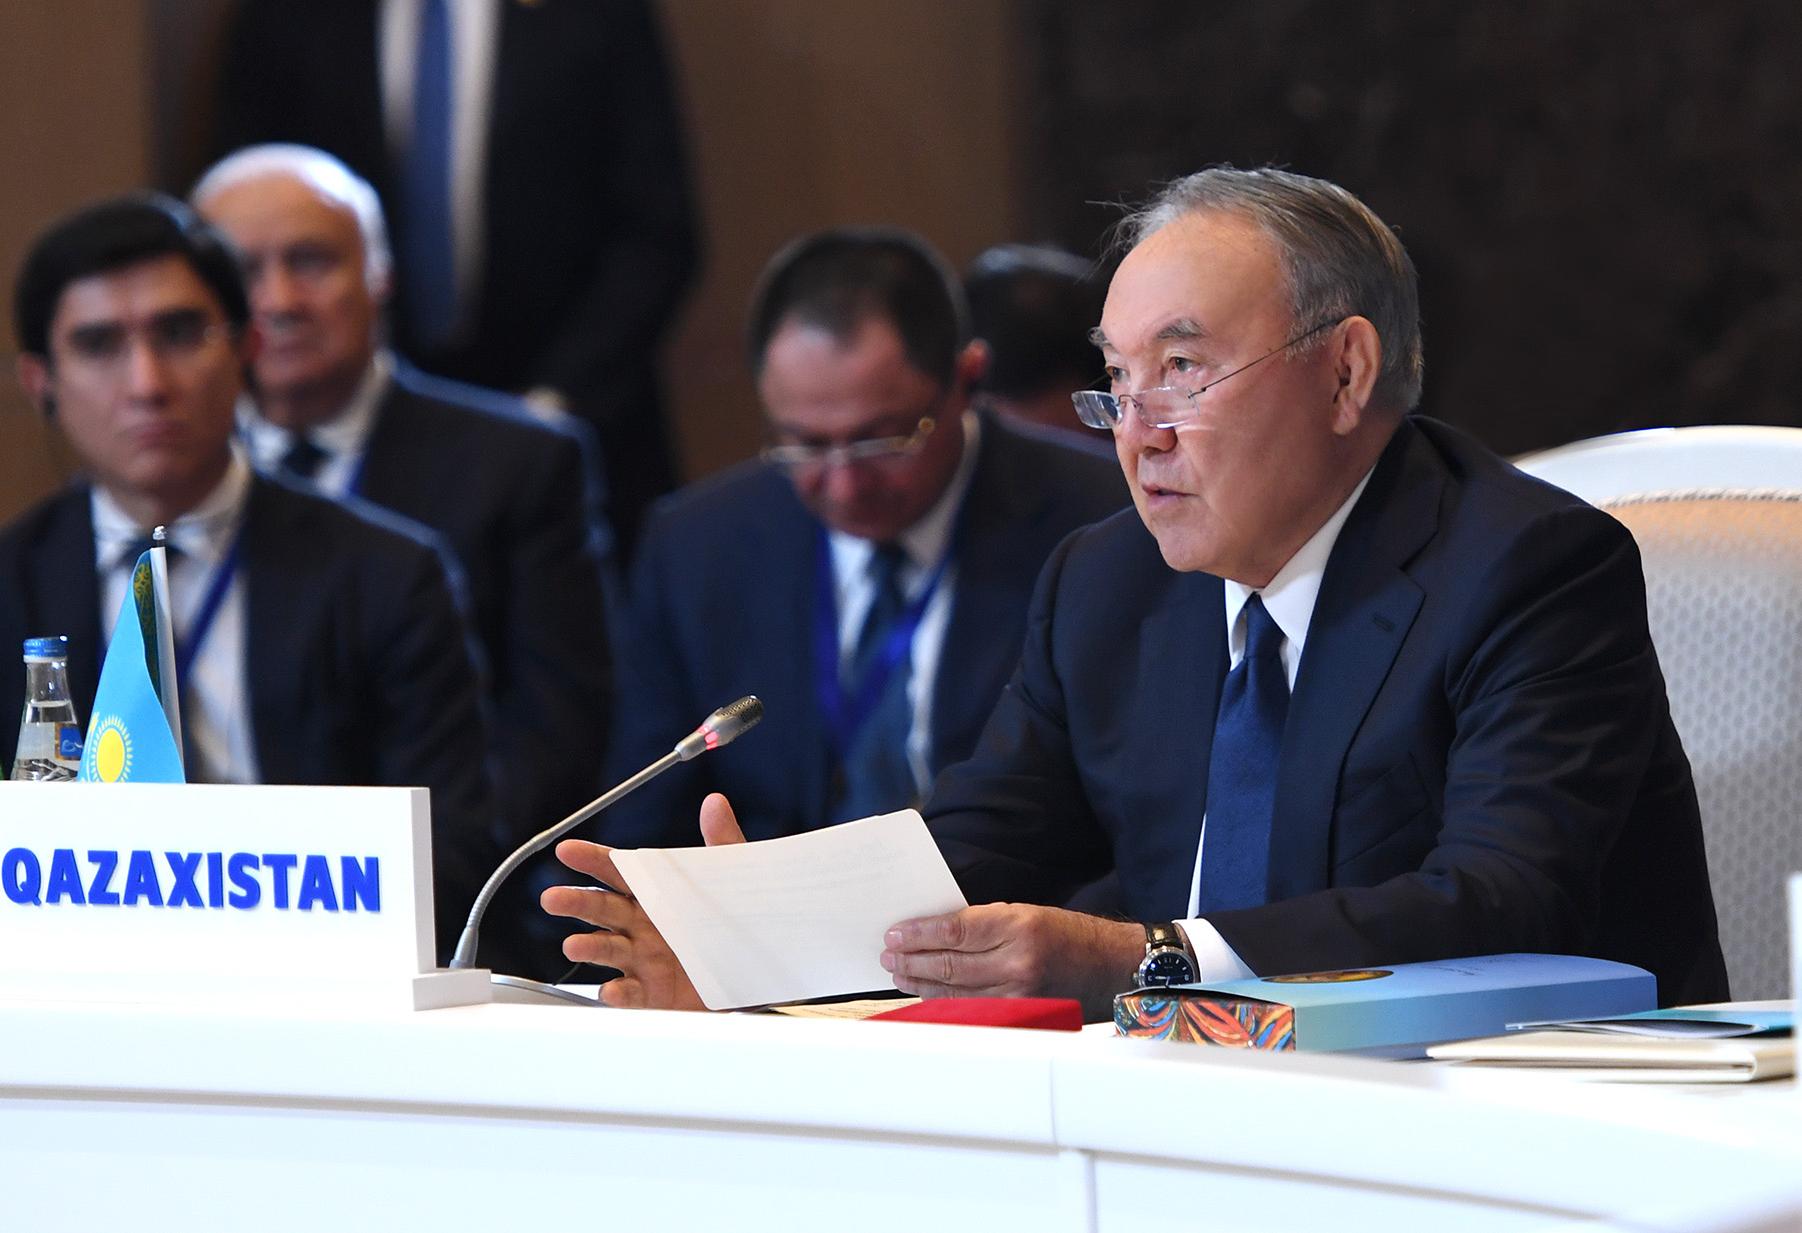 Елбасы Нурсултан Назарбаев принял участие в Седьмом заседании Совета сотрудничества тюркоязычных государств